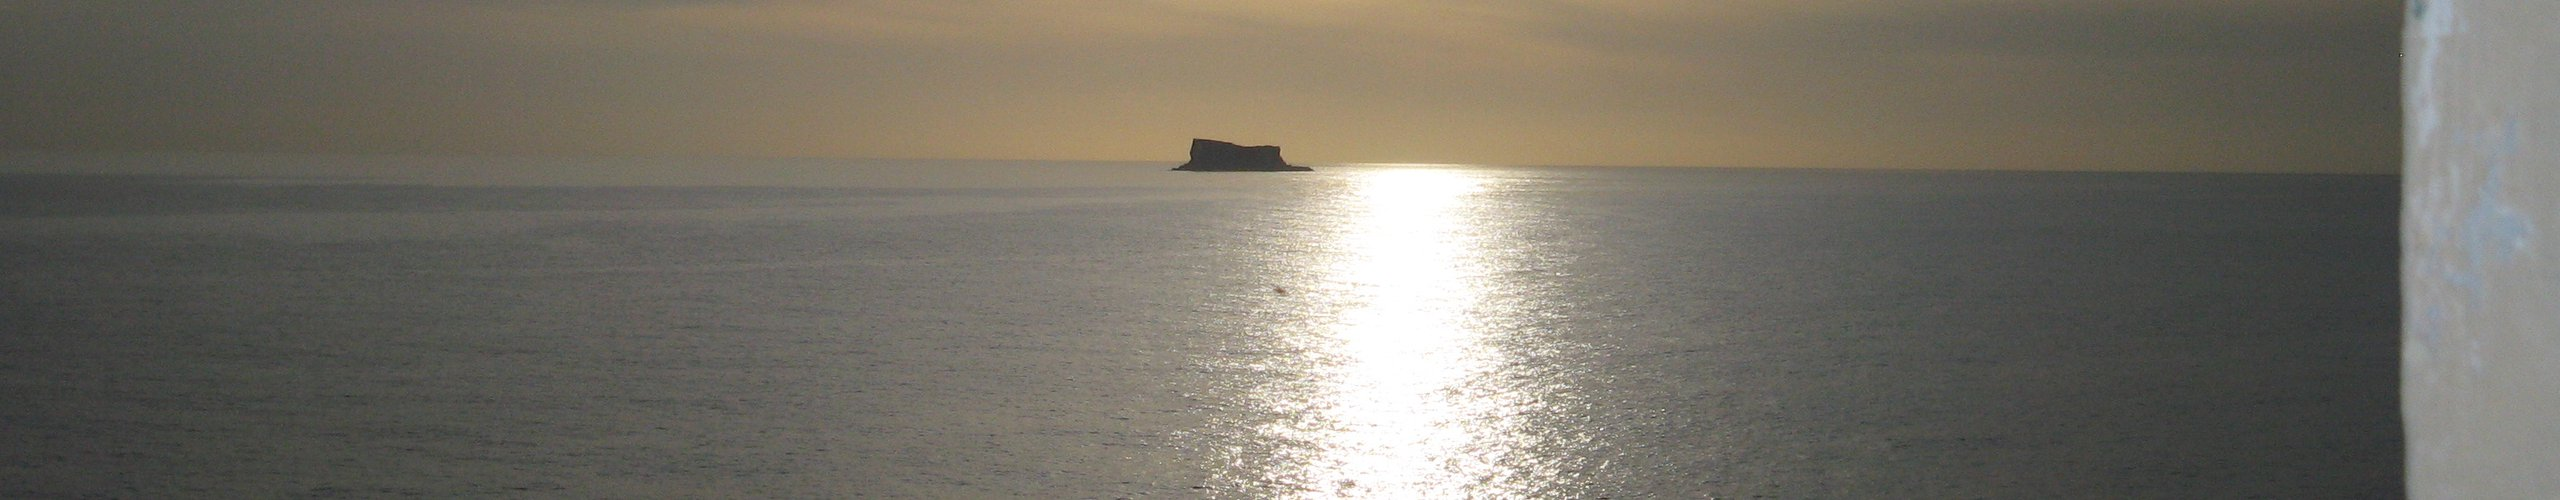 جزيرة مالطة